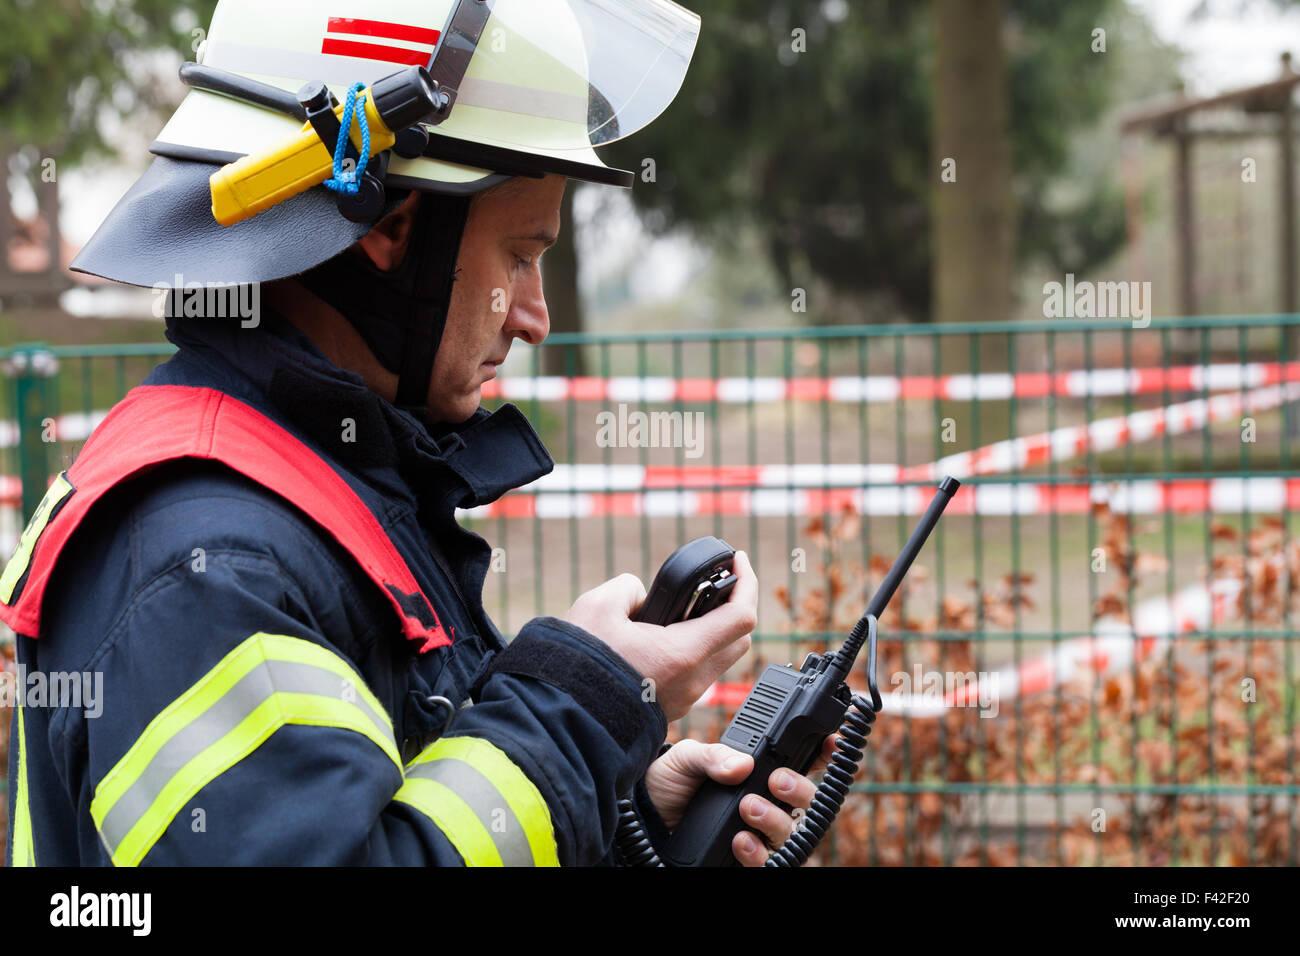 Feuerwehrmann im Einsatz während der Funke. Stockbild